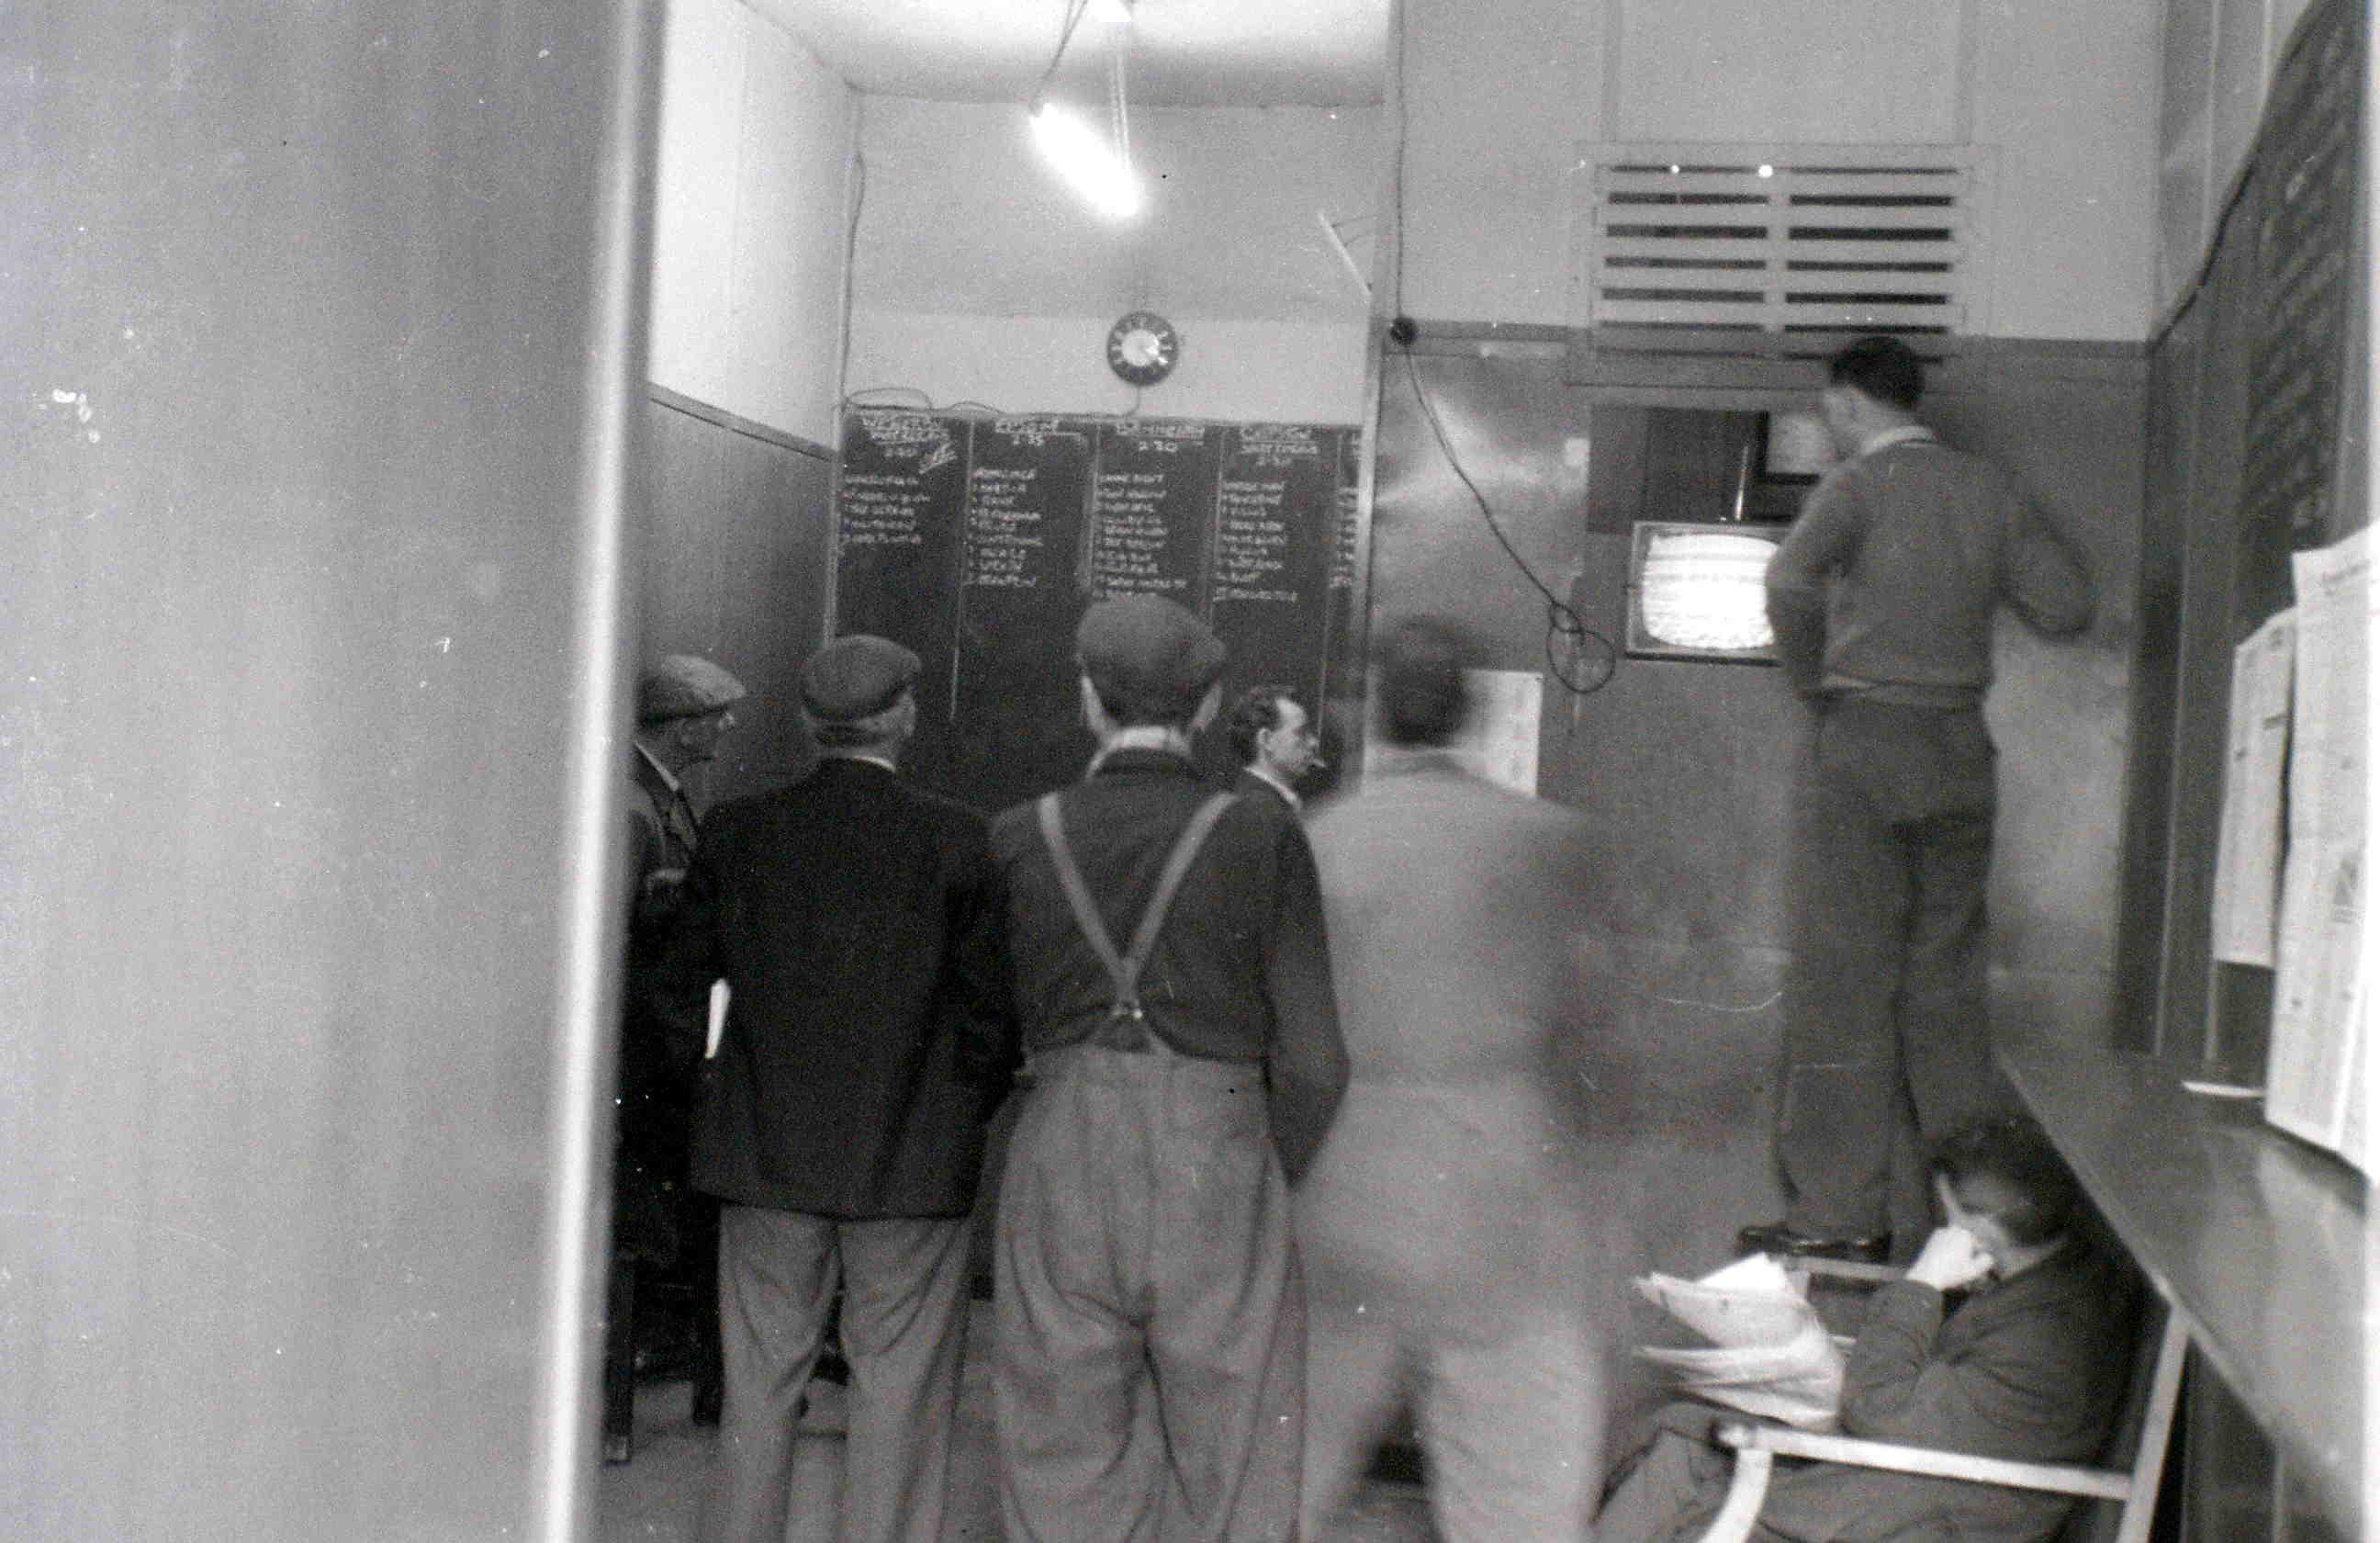 Глазго, 19 апреля 1960. Нелегальная точка букмейкеров.jpg